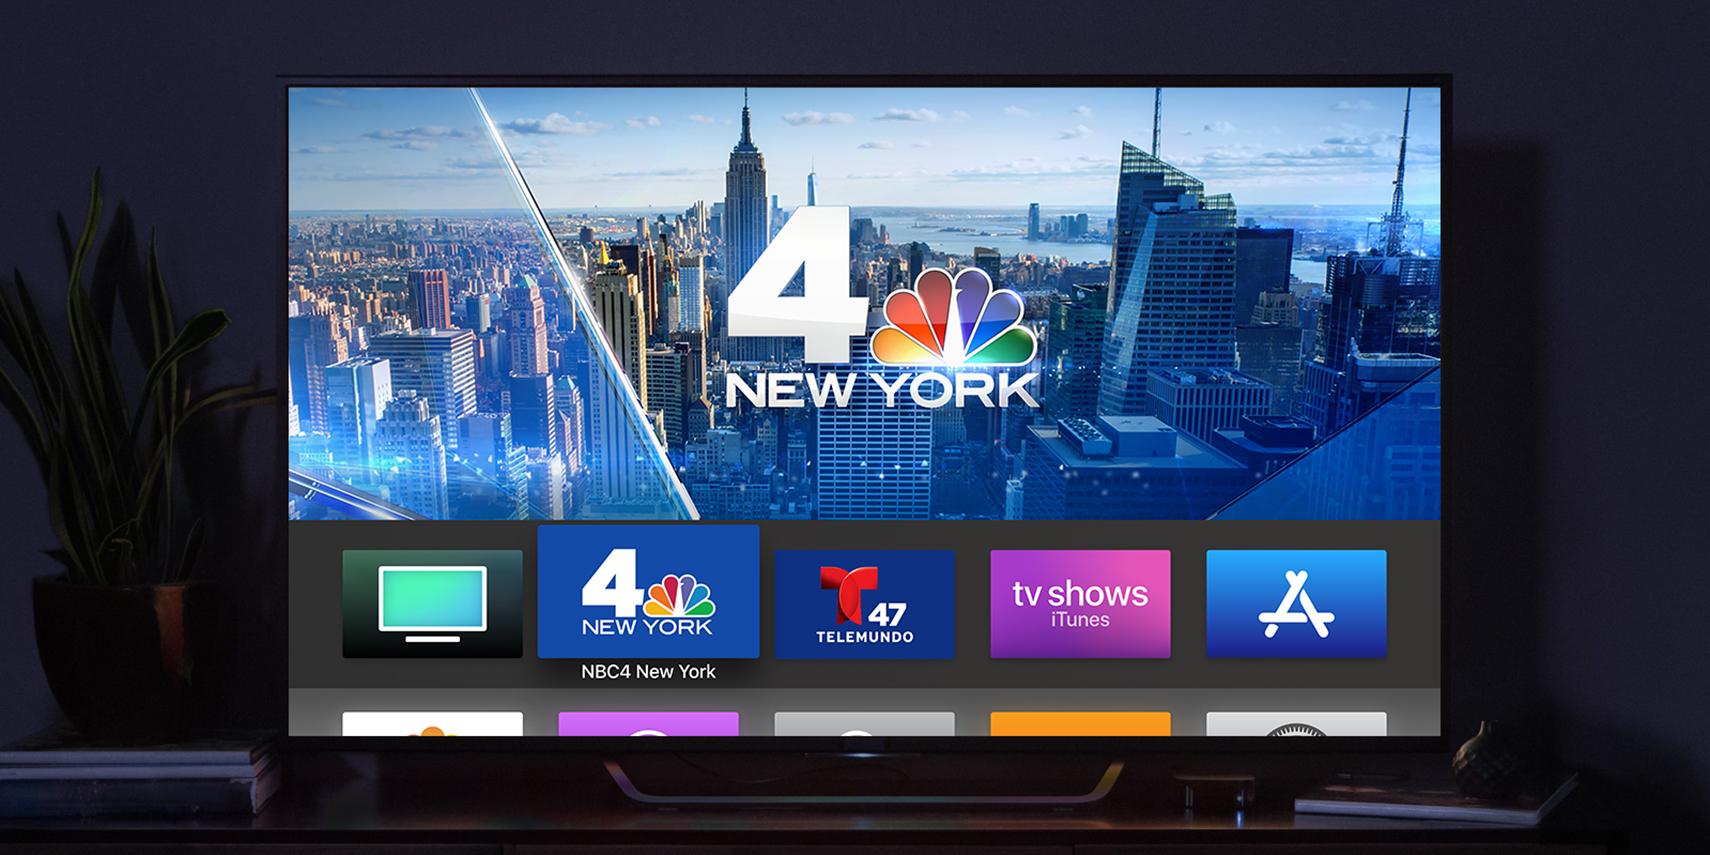 Apple TV for NBC & Telemundo